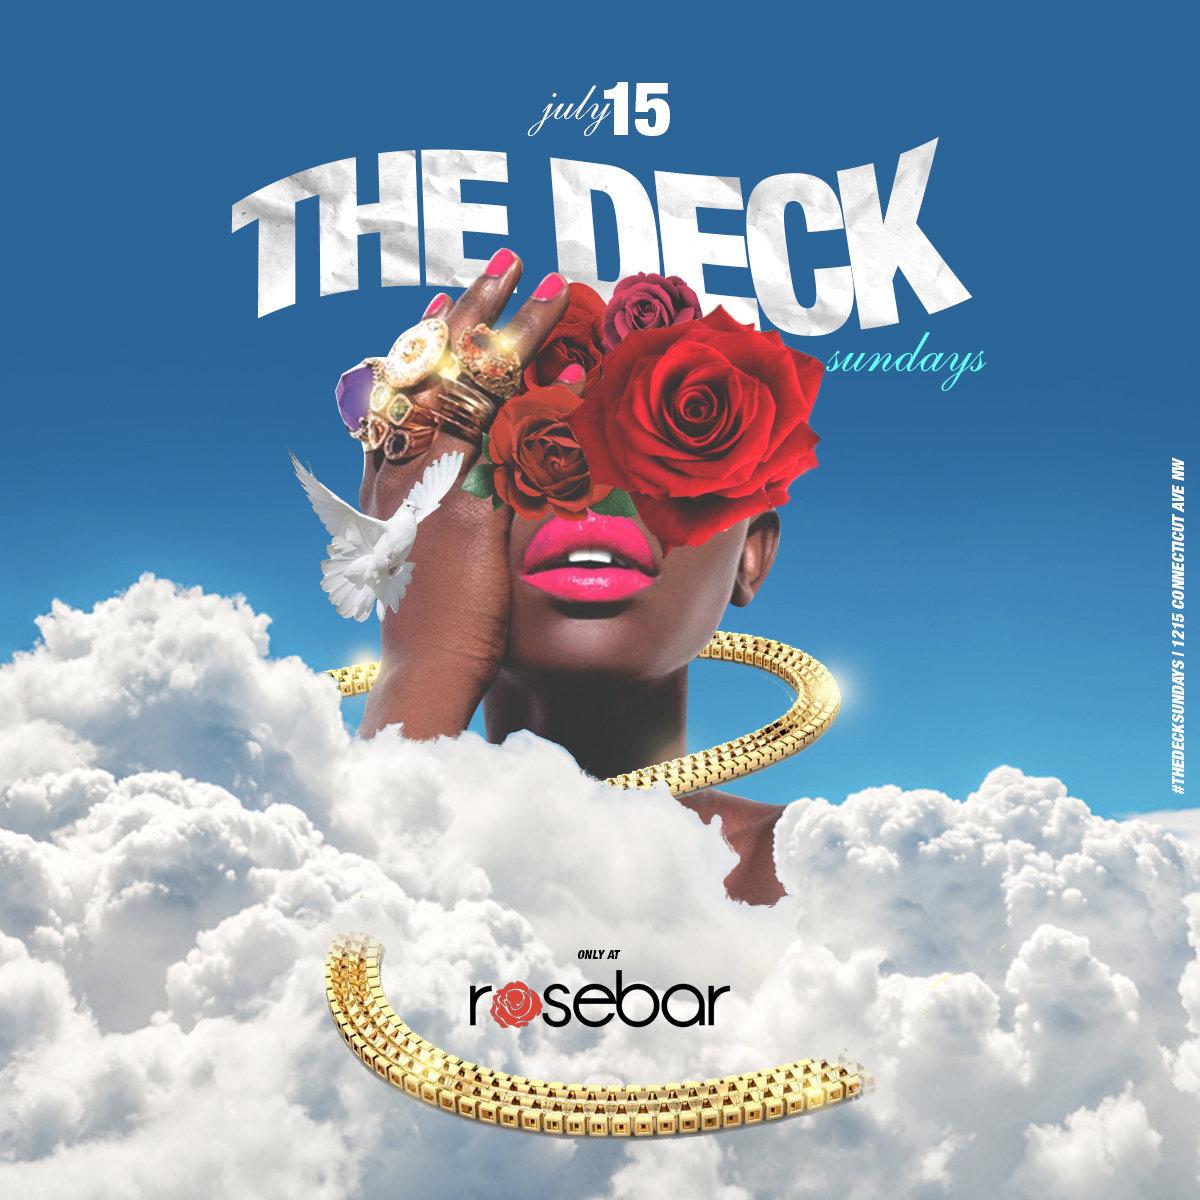 deck7.15.jpg